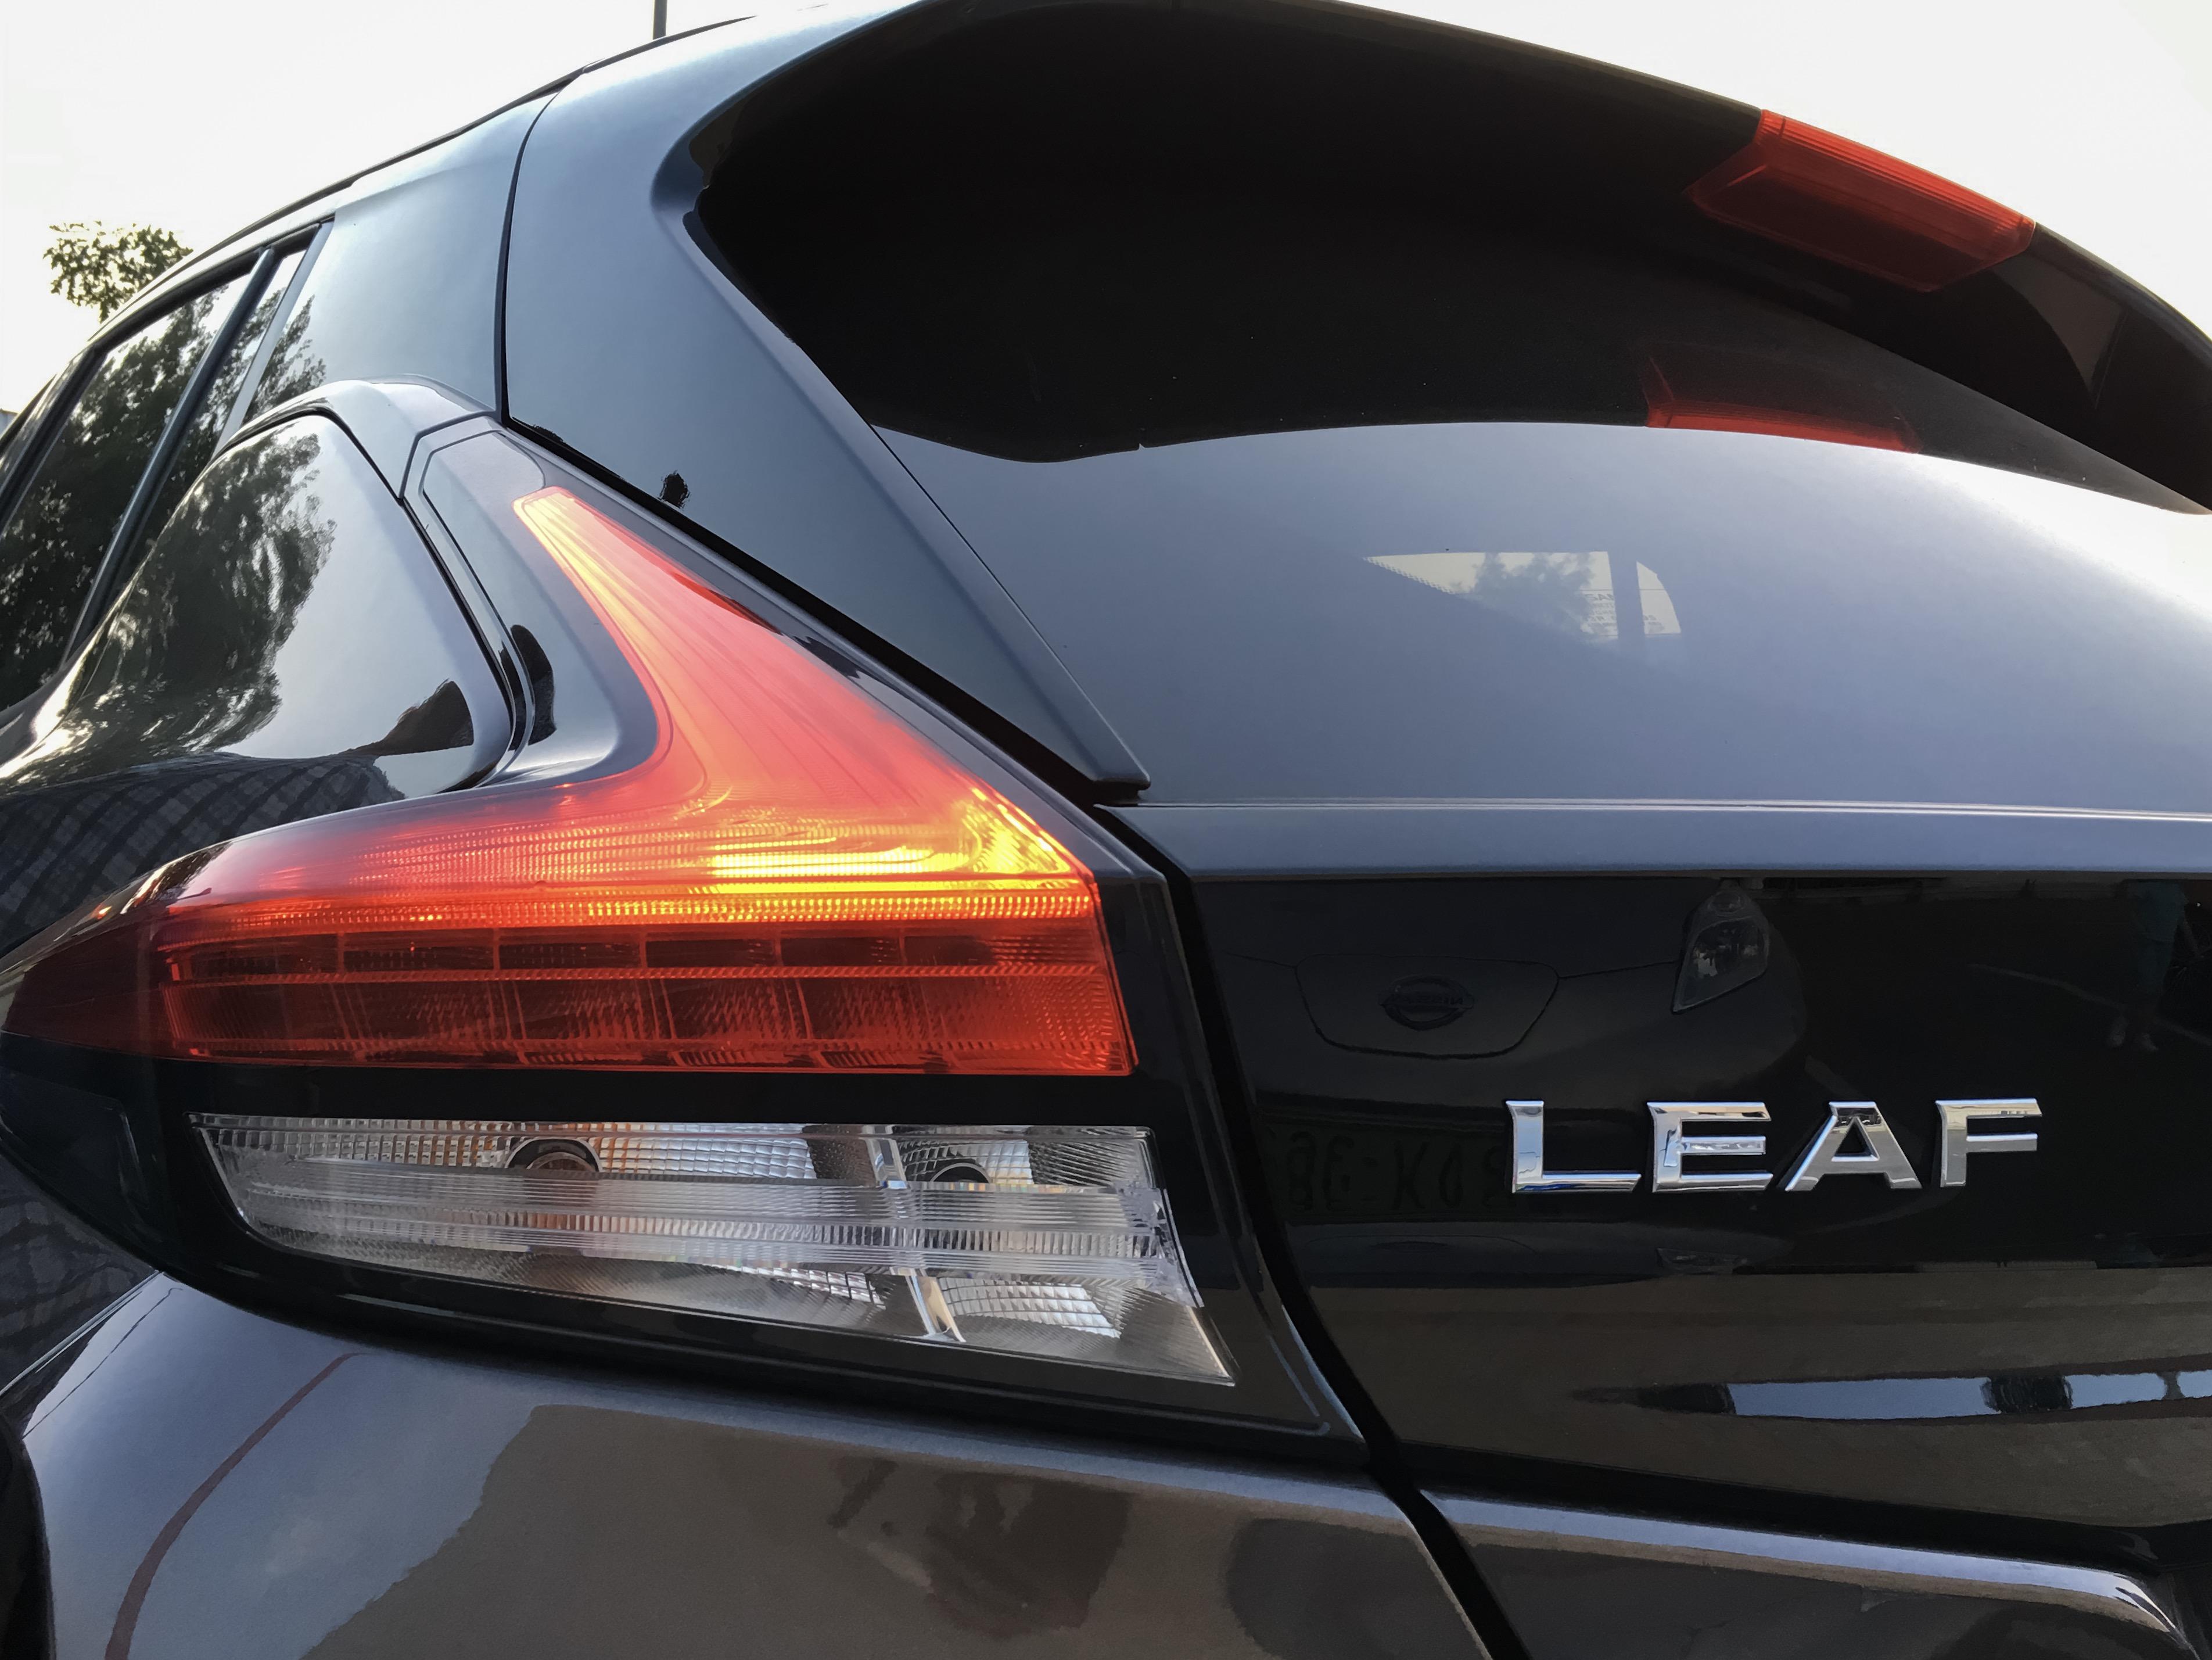 Leaf_brakelight